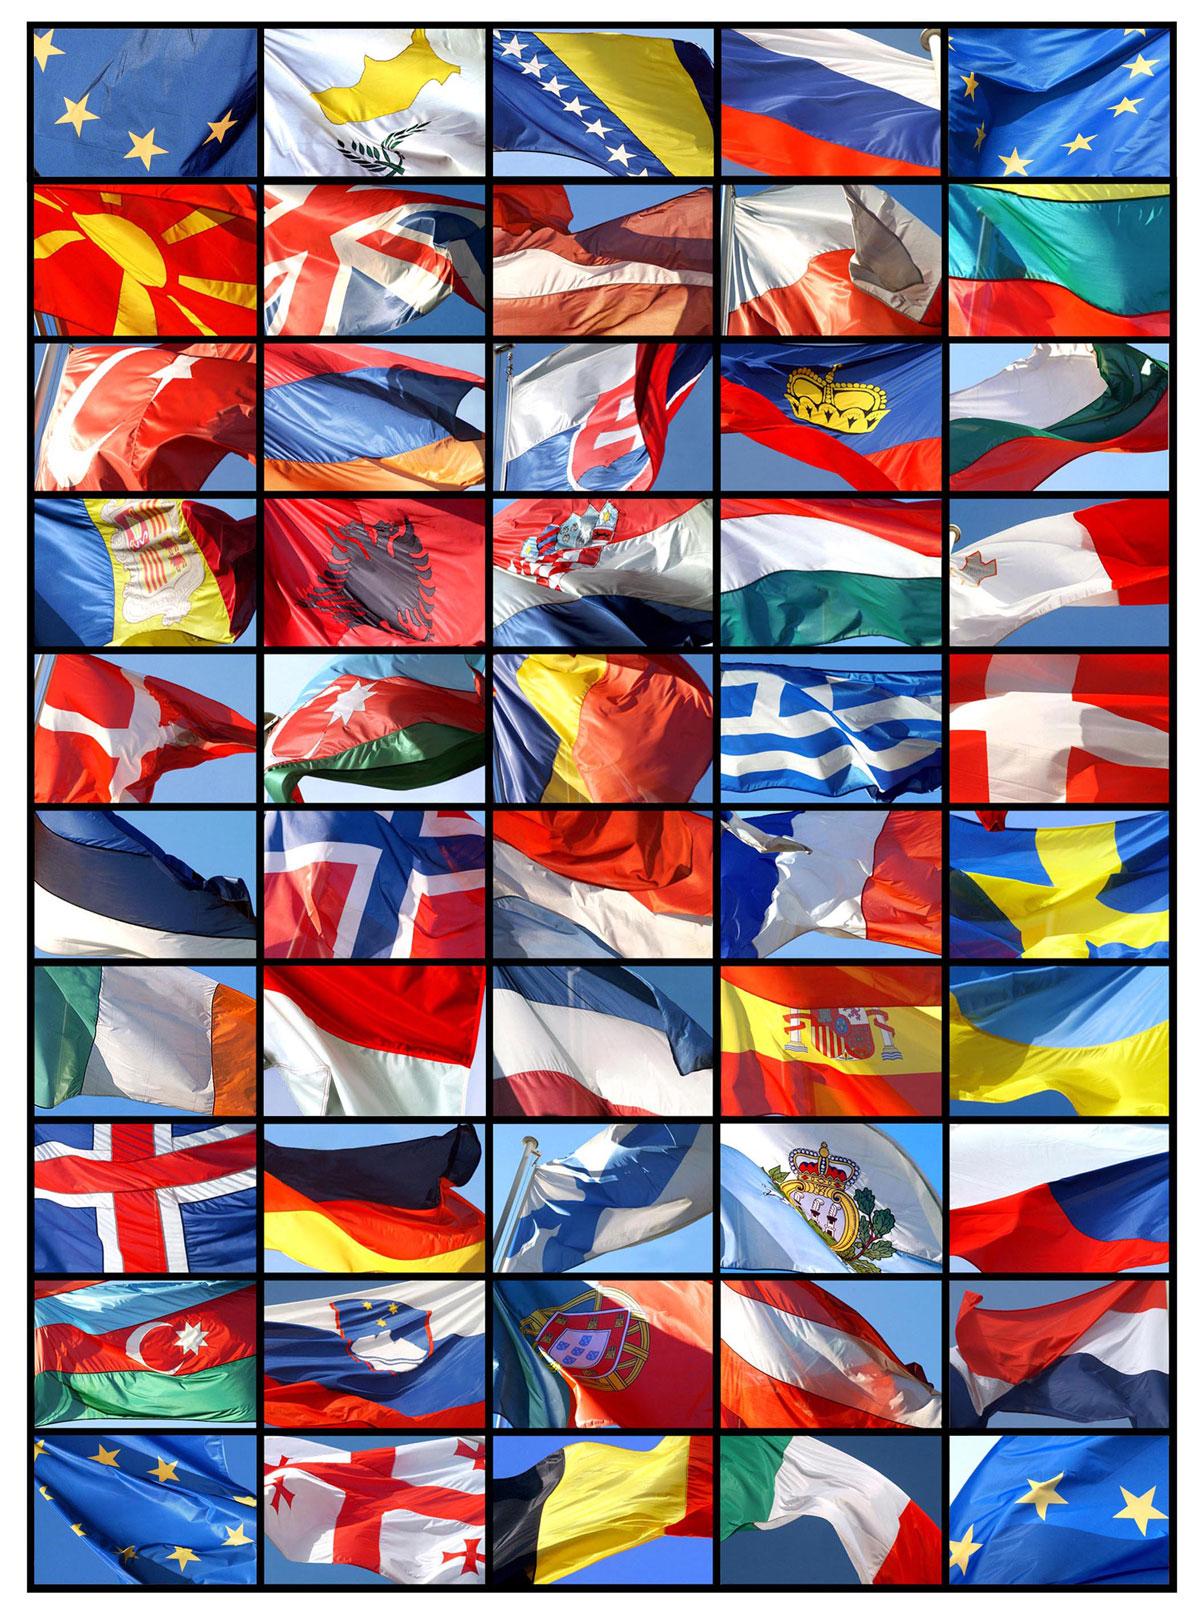 Consiglio d'Europa, bandiere dei 47 Stati membri